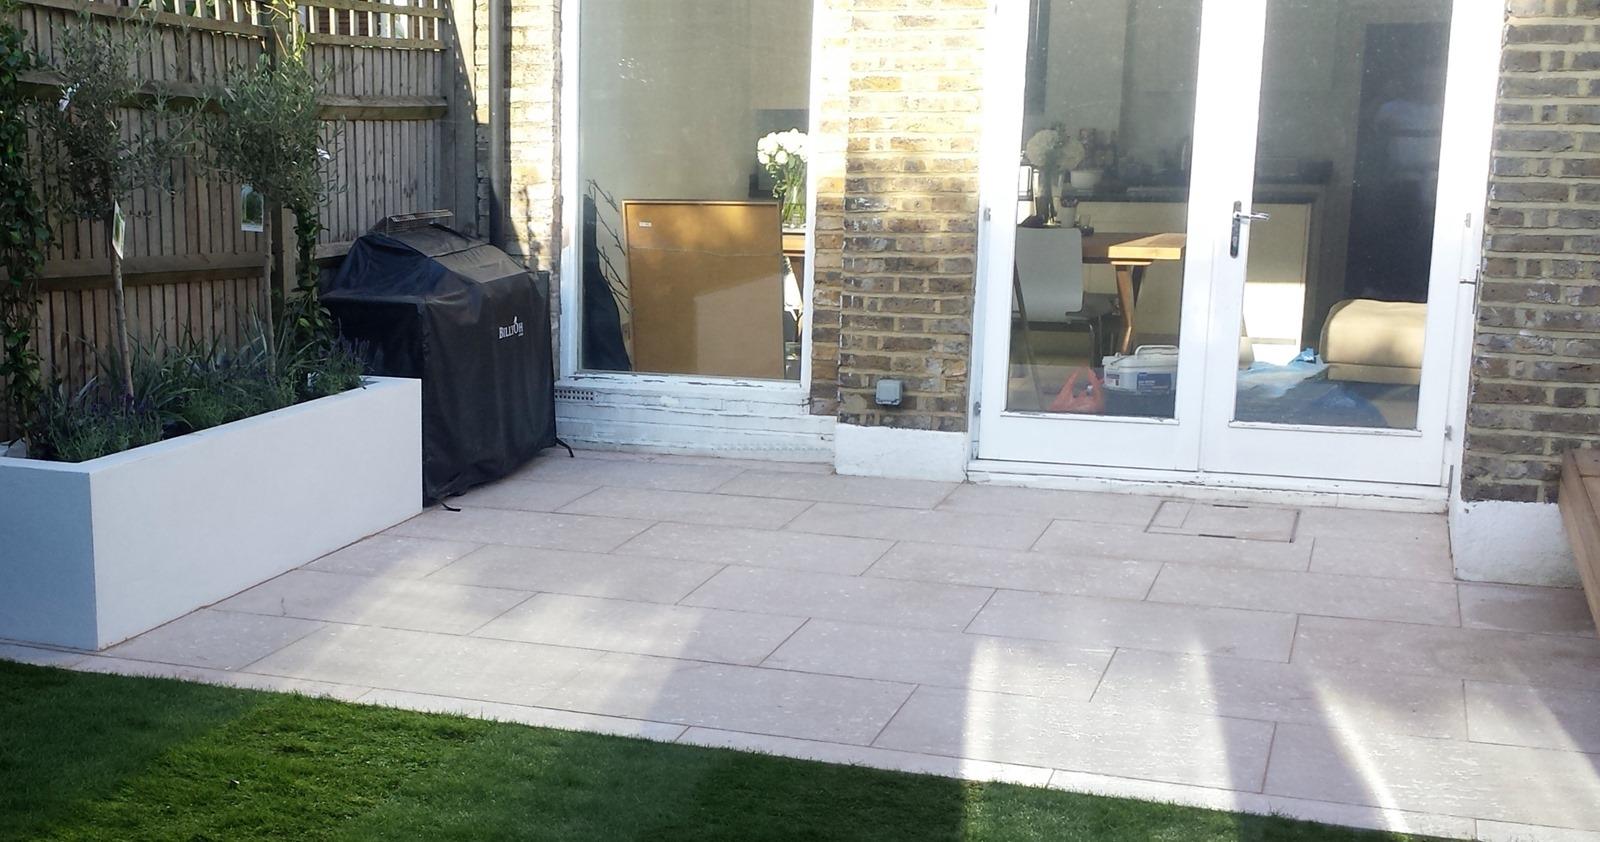 Grey Limestone Patio Paving Raised Beds Floating Hardwood Bench Clapham London